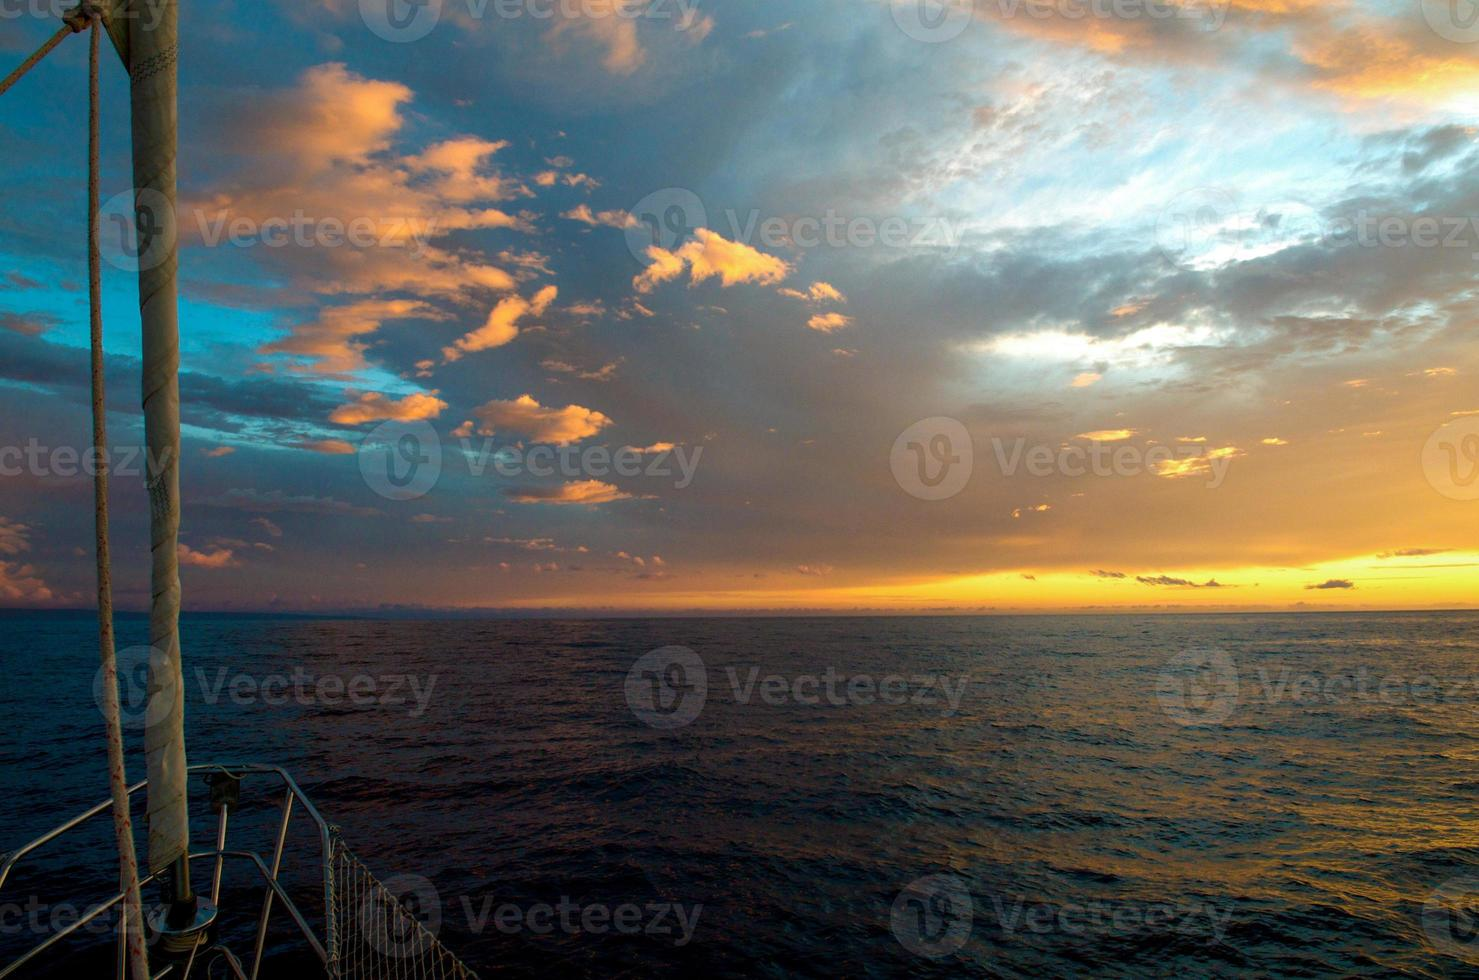 dramatischer Sonnenuntergang vom Bug eines Segelboots Maui, Hawaii. foto